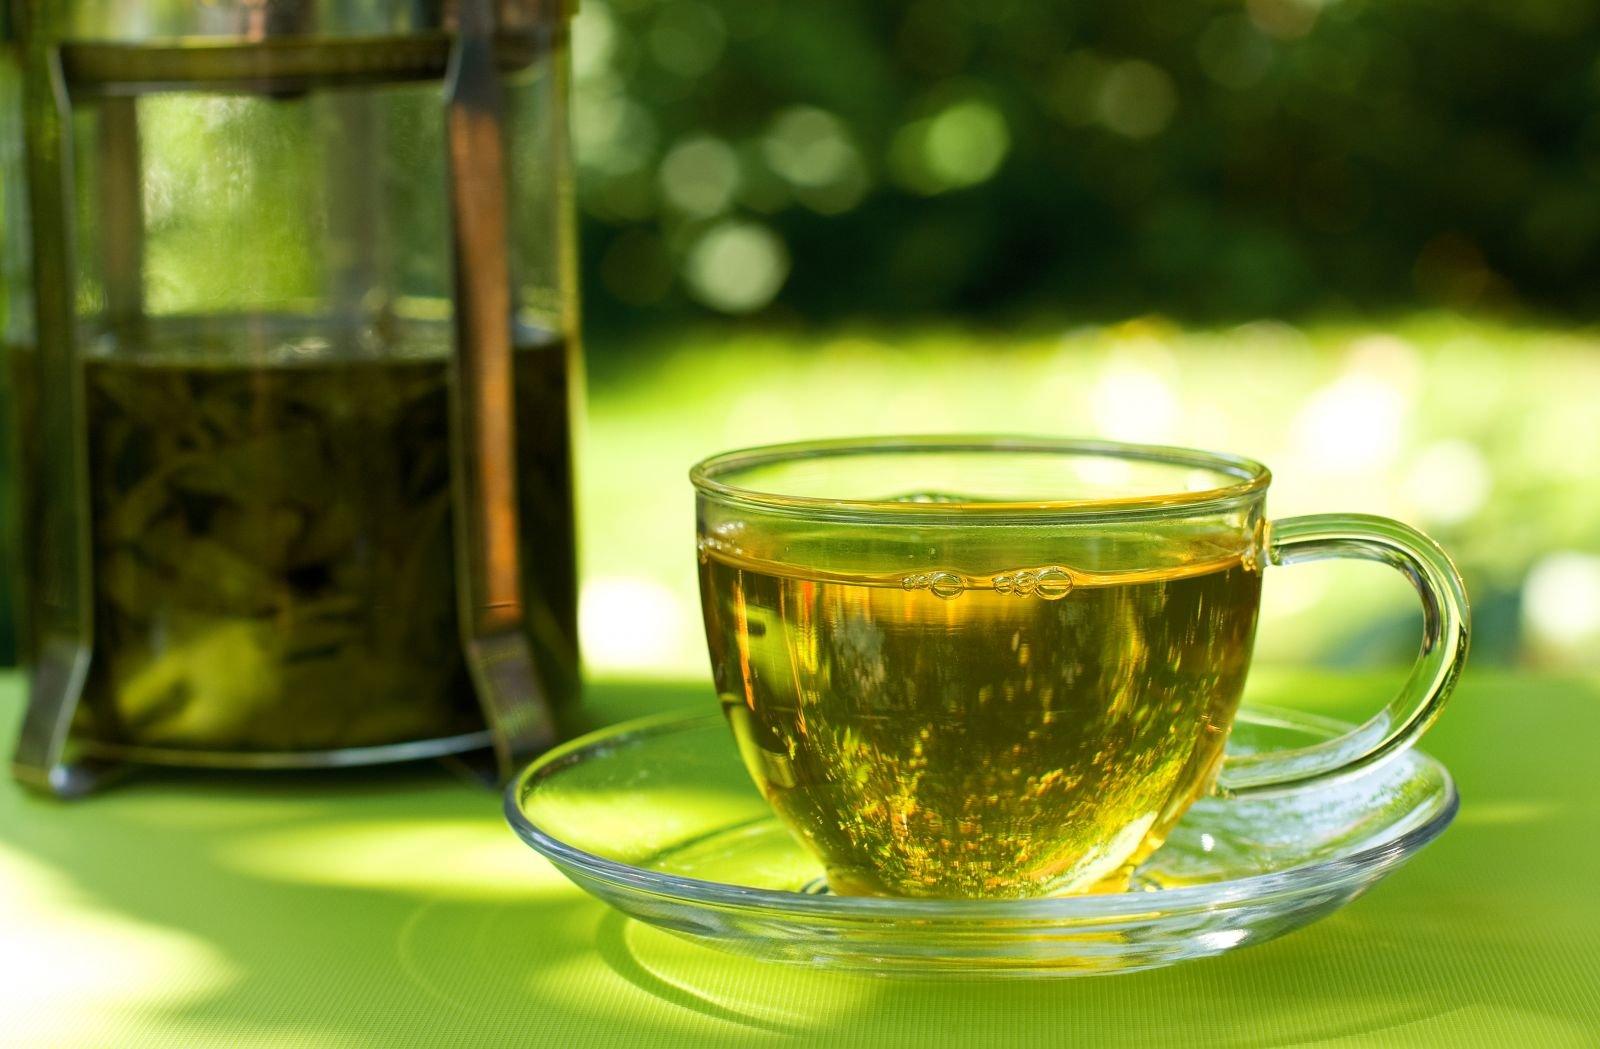 Фрукт саусеп: описание растения и его плодов, саусеп чай польза и вред применения soursop, перевод